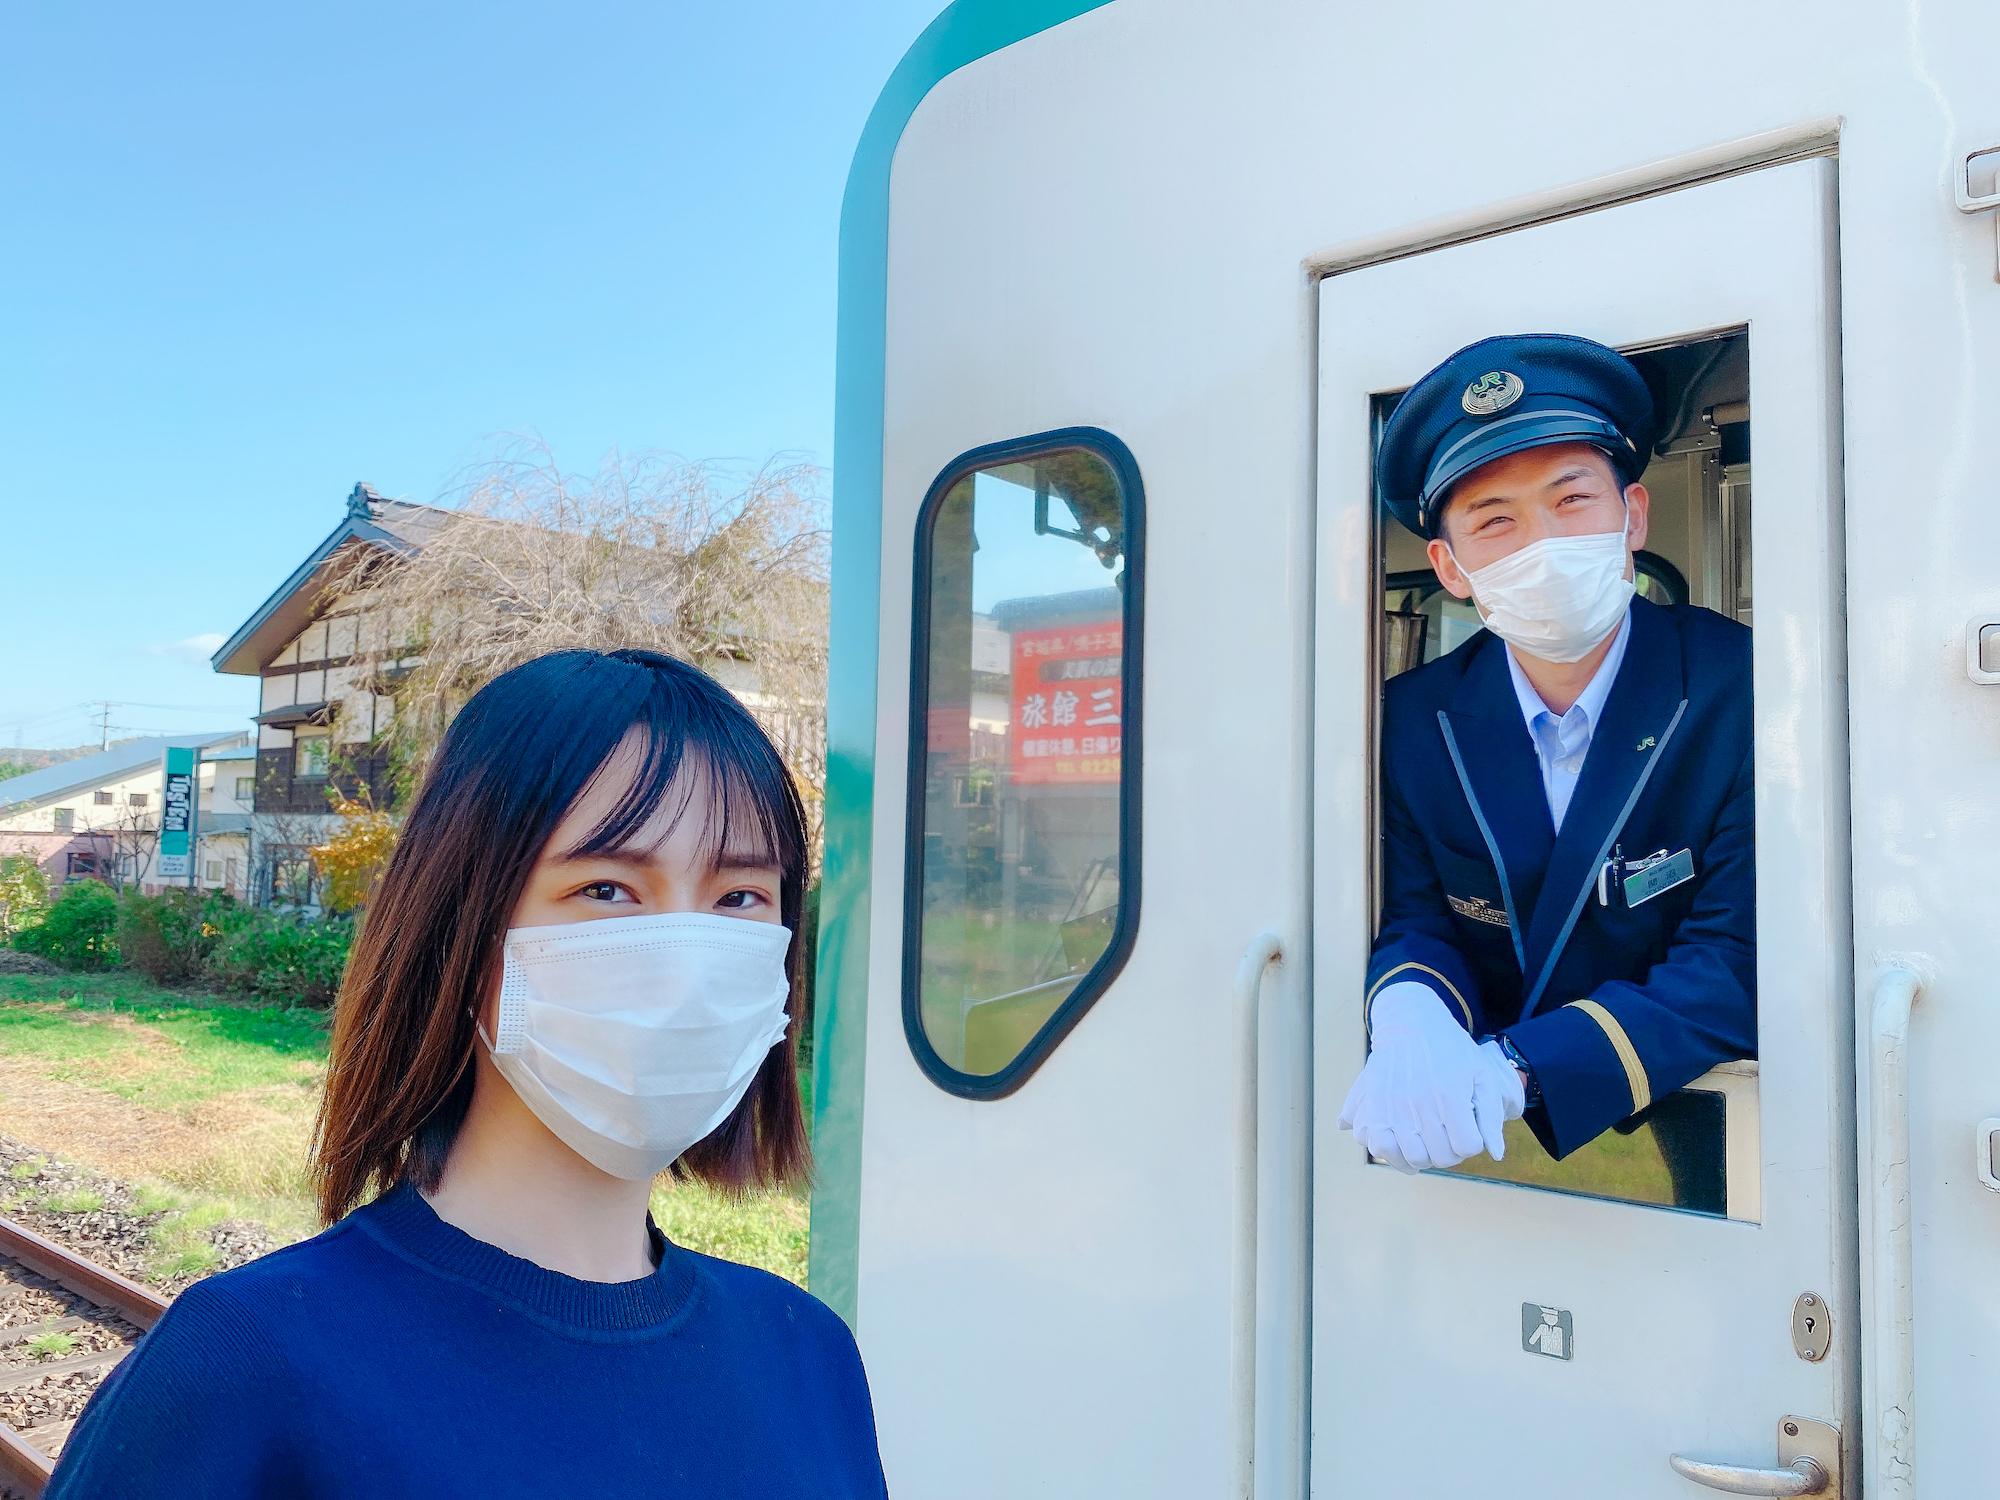 青木菜奈(あおき・なな)/陸羽東線列車にて/2020年10月31日.(C)ACTRESS.撮影